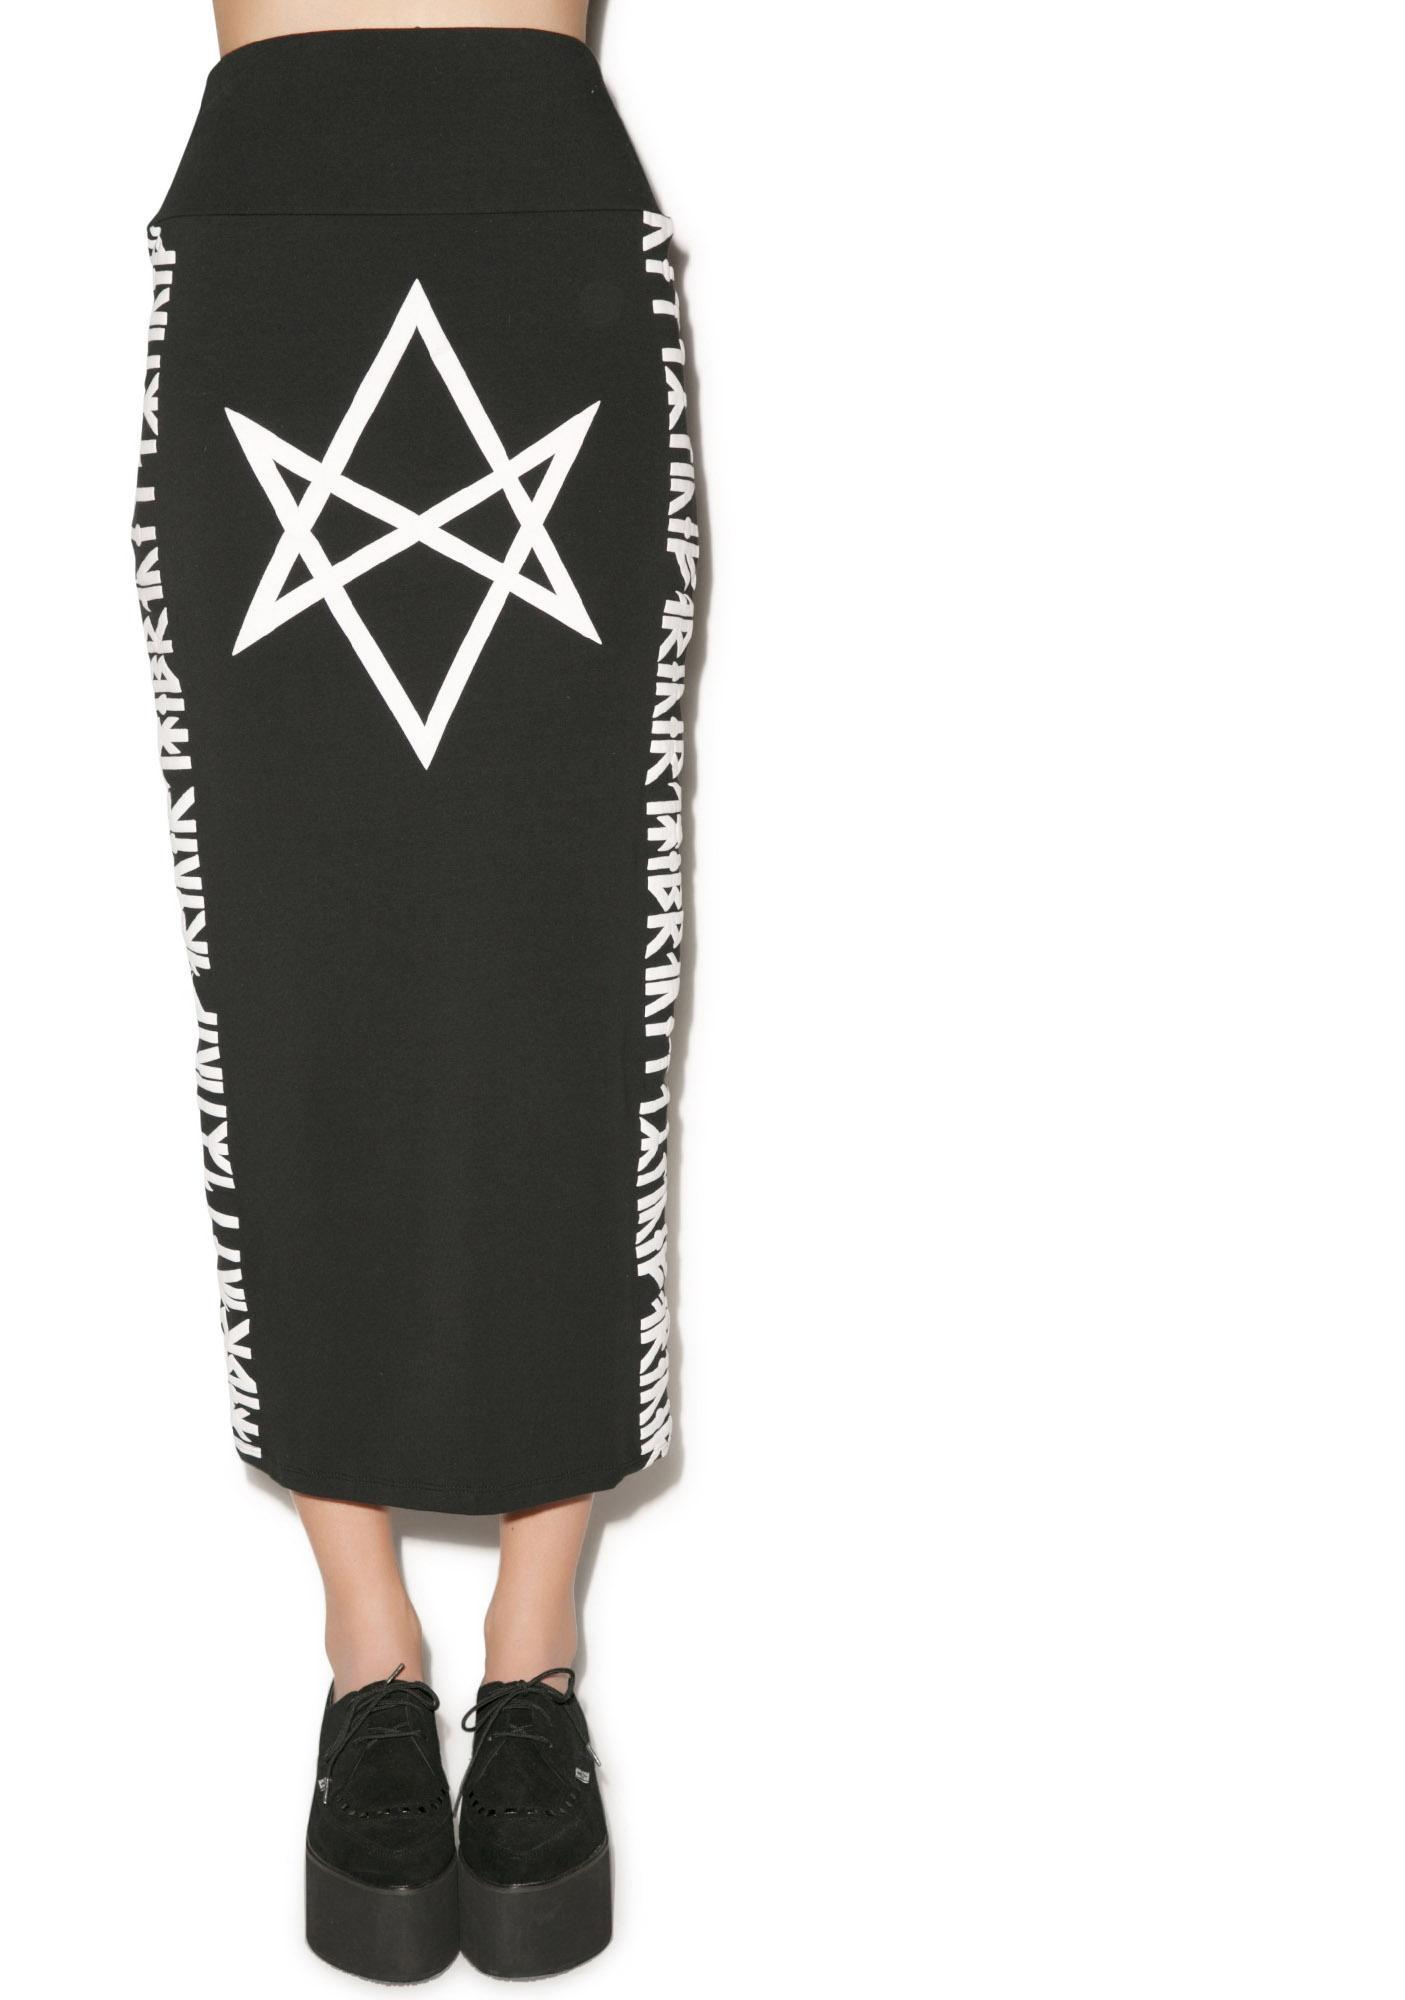 Long Clothing Hexagram Skirt